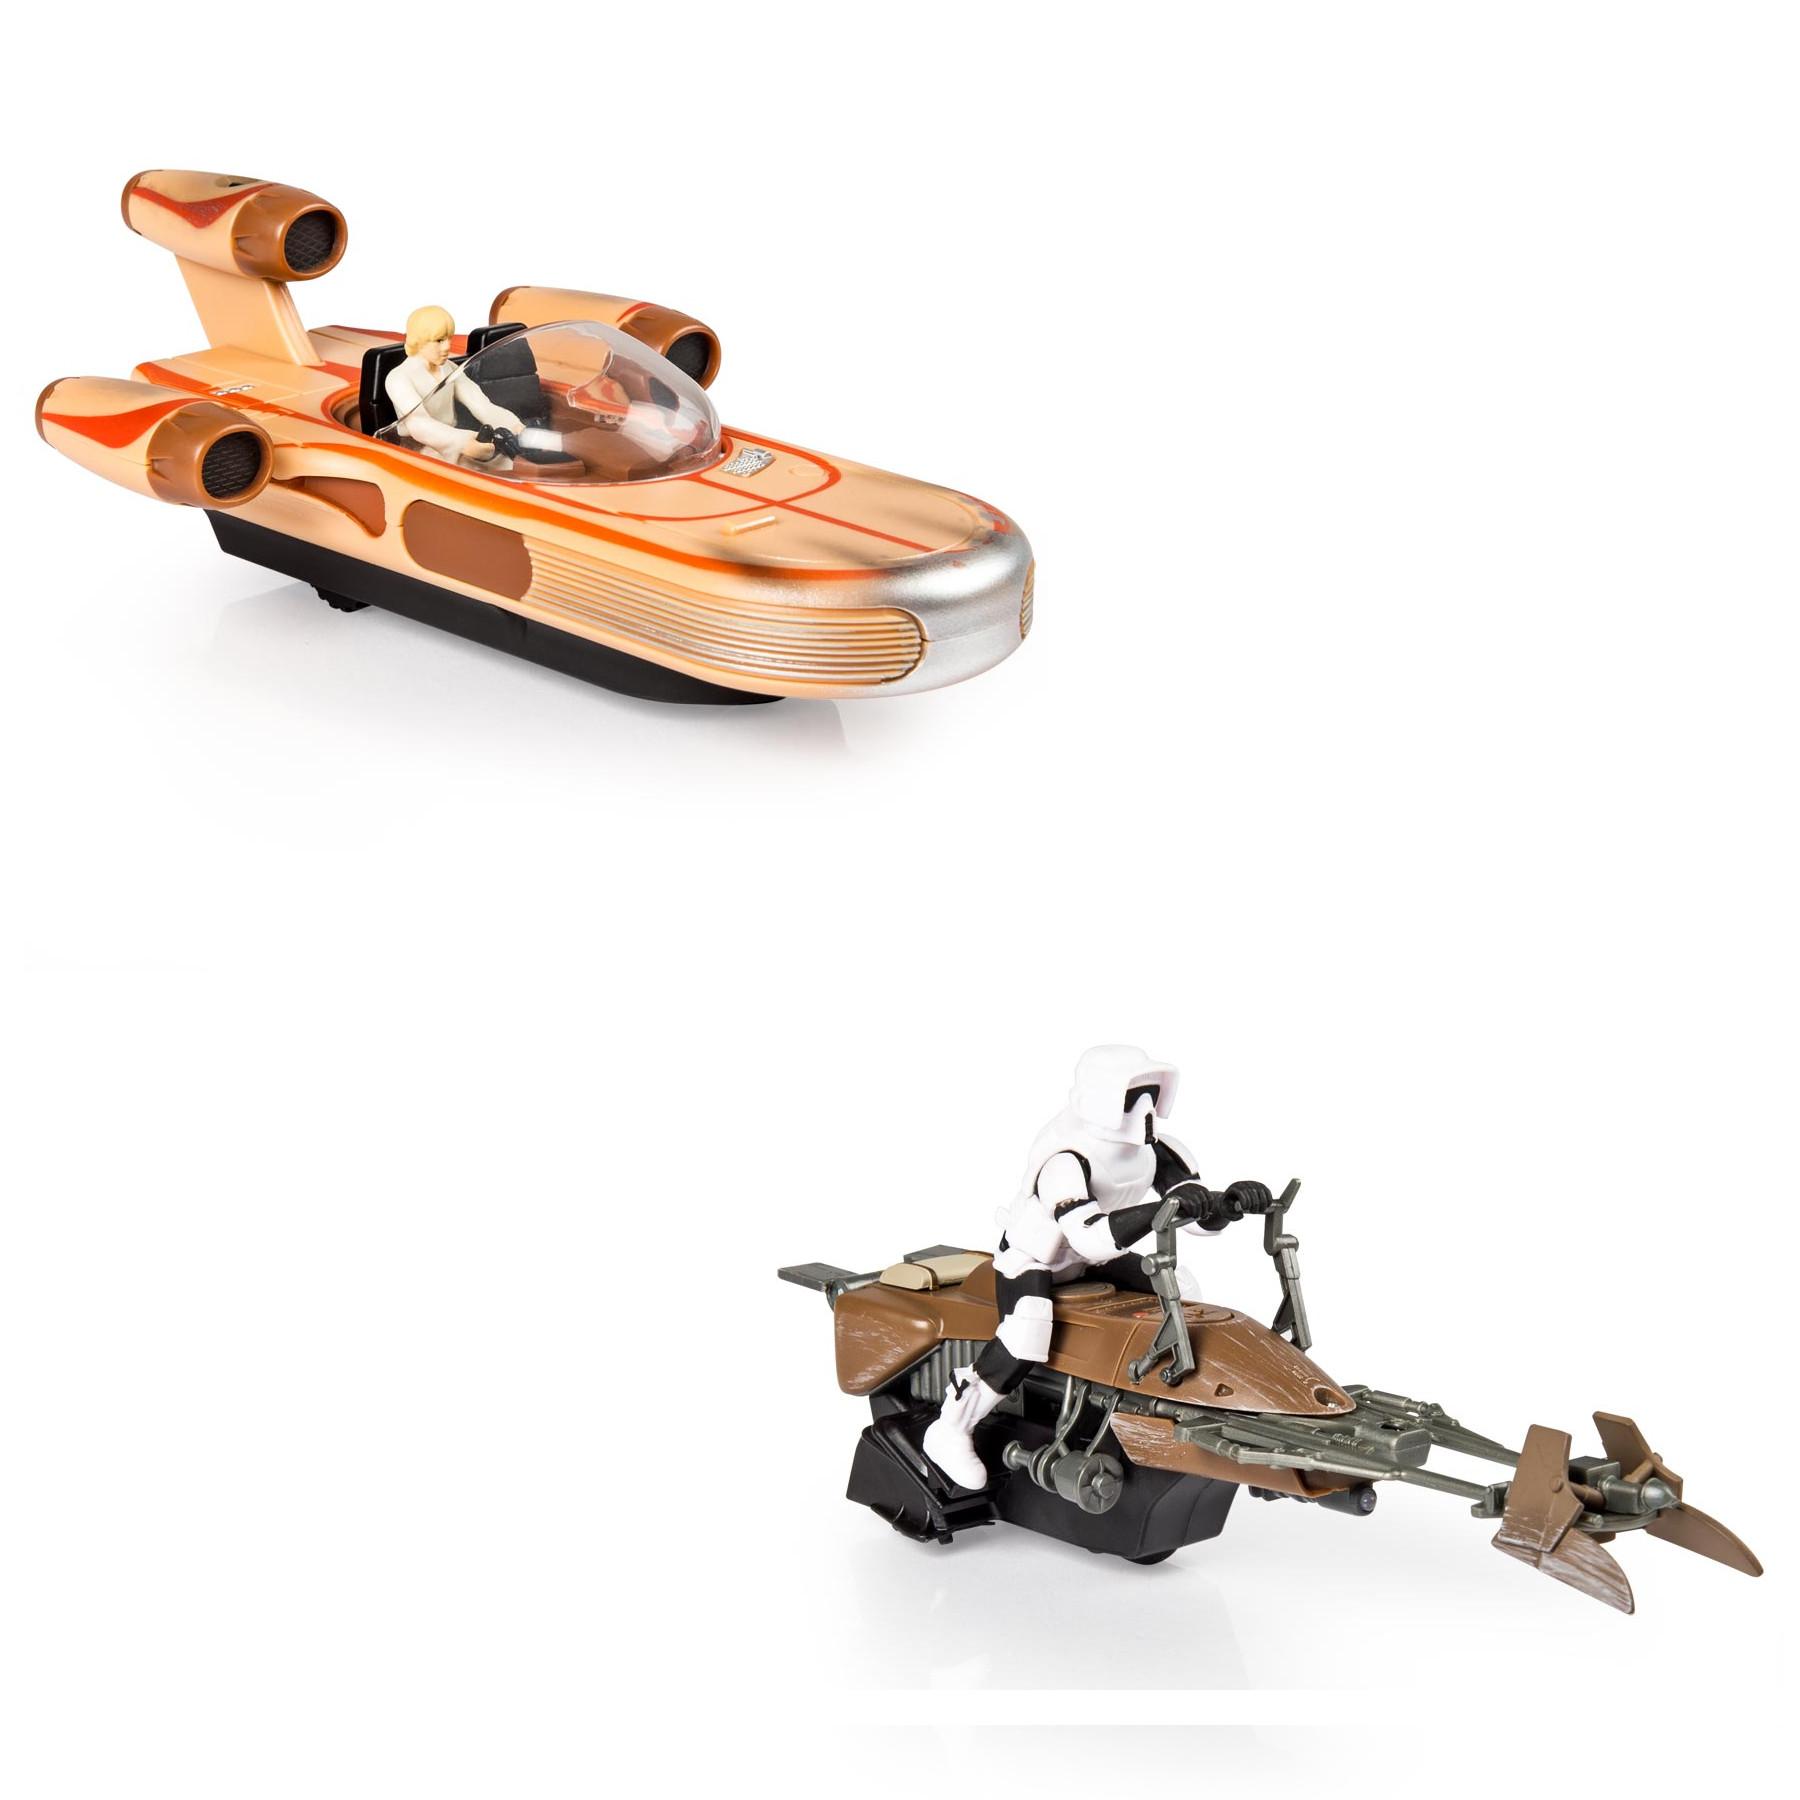 Скоростной байк из серии «Air Hogs Звёздные войны»Игрушки Star Wars (Звездные воины)<br>Скоростной байк из серии «Air Hogs Звёздные войны»<br>